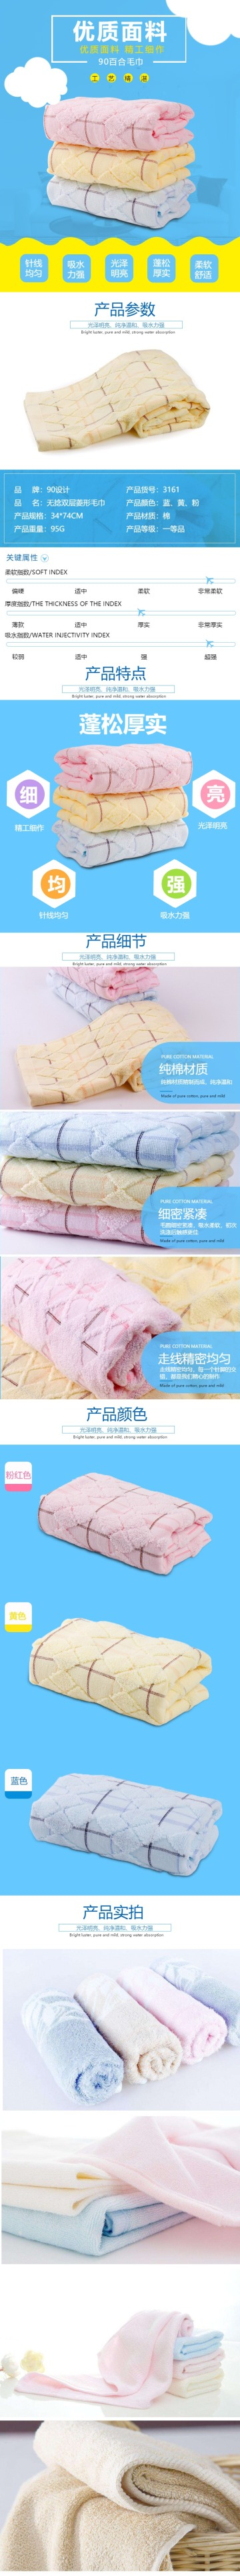 时尚优质毛巾电商详情页